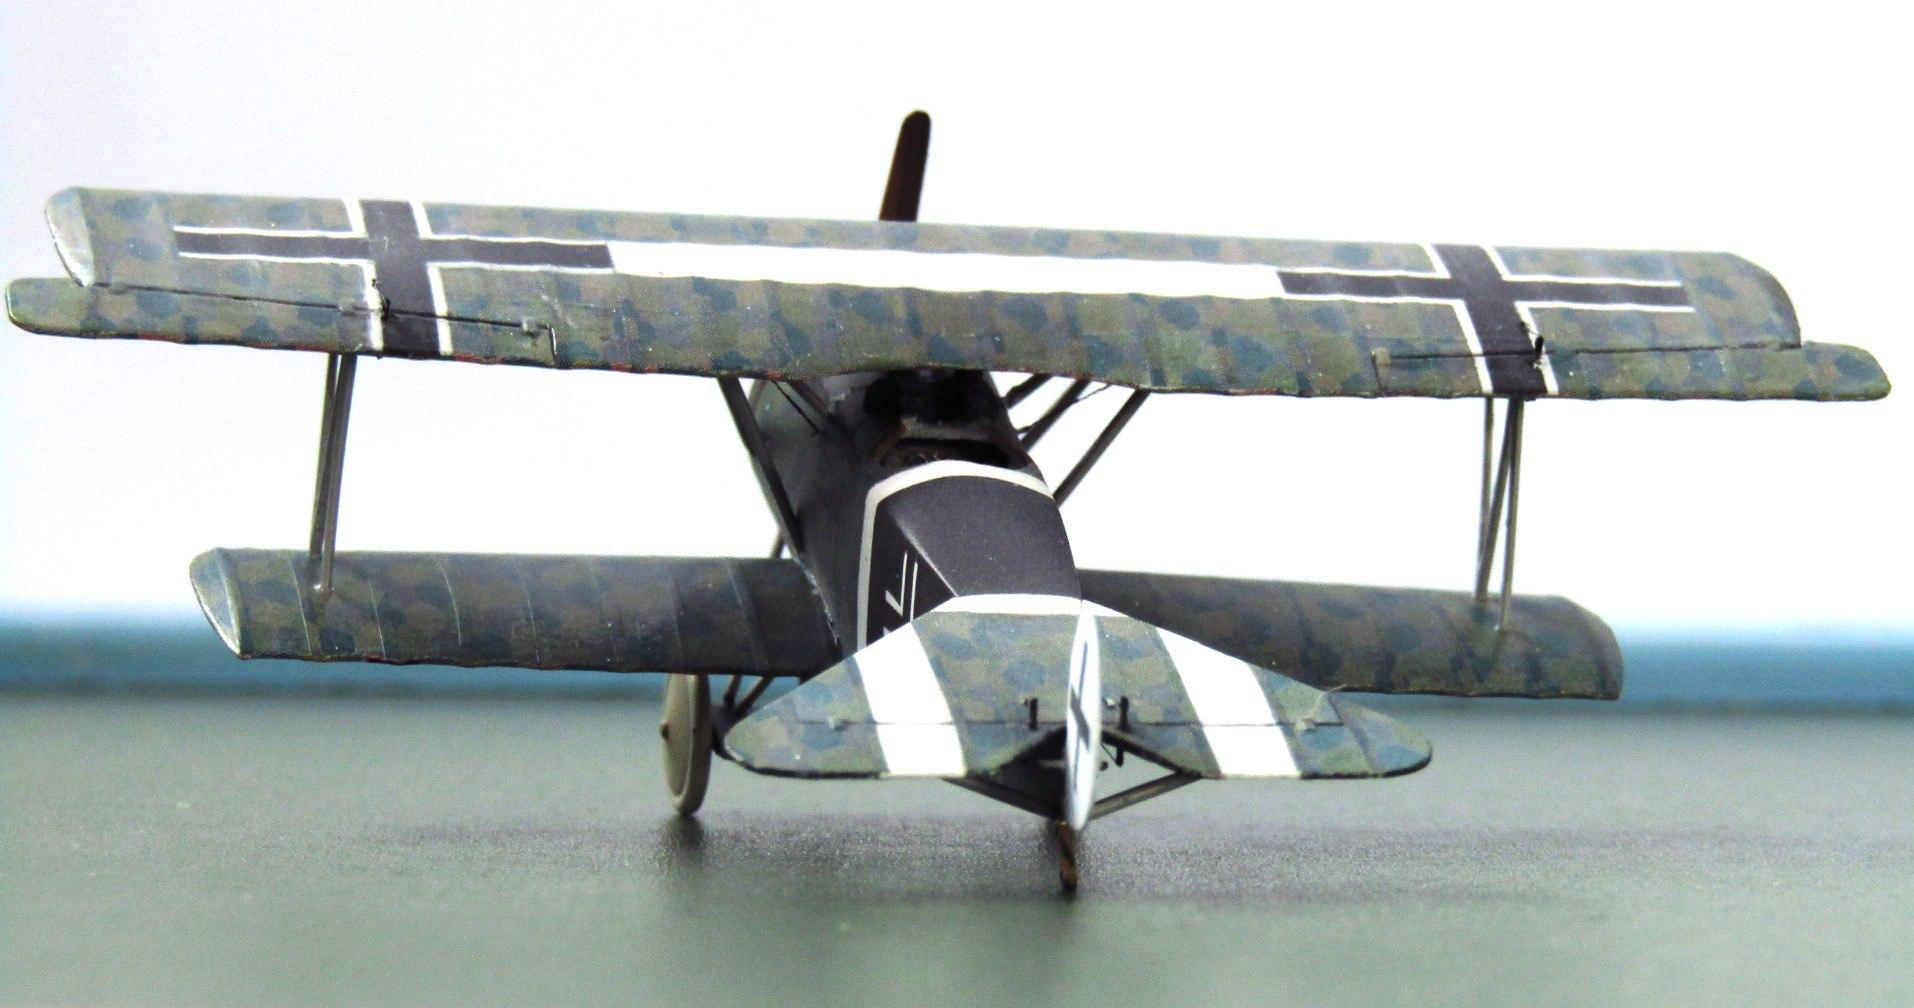 Fokker D.VI 1/72 (Roden)  YSMz14tGRek